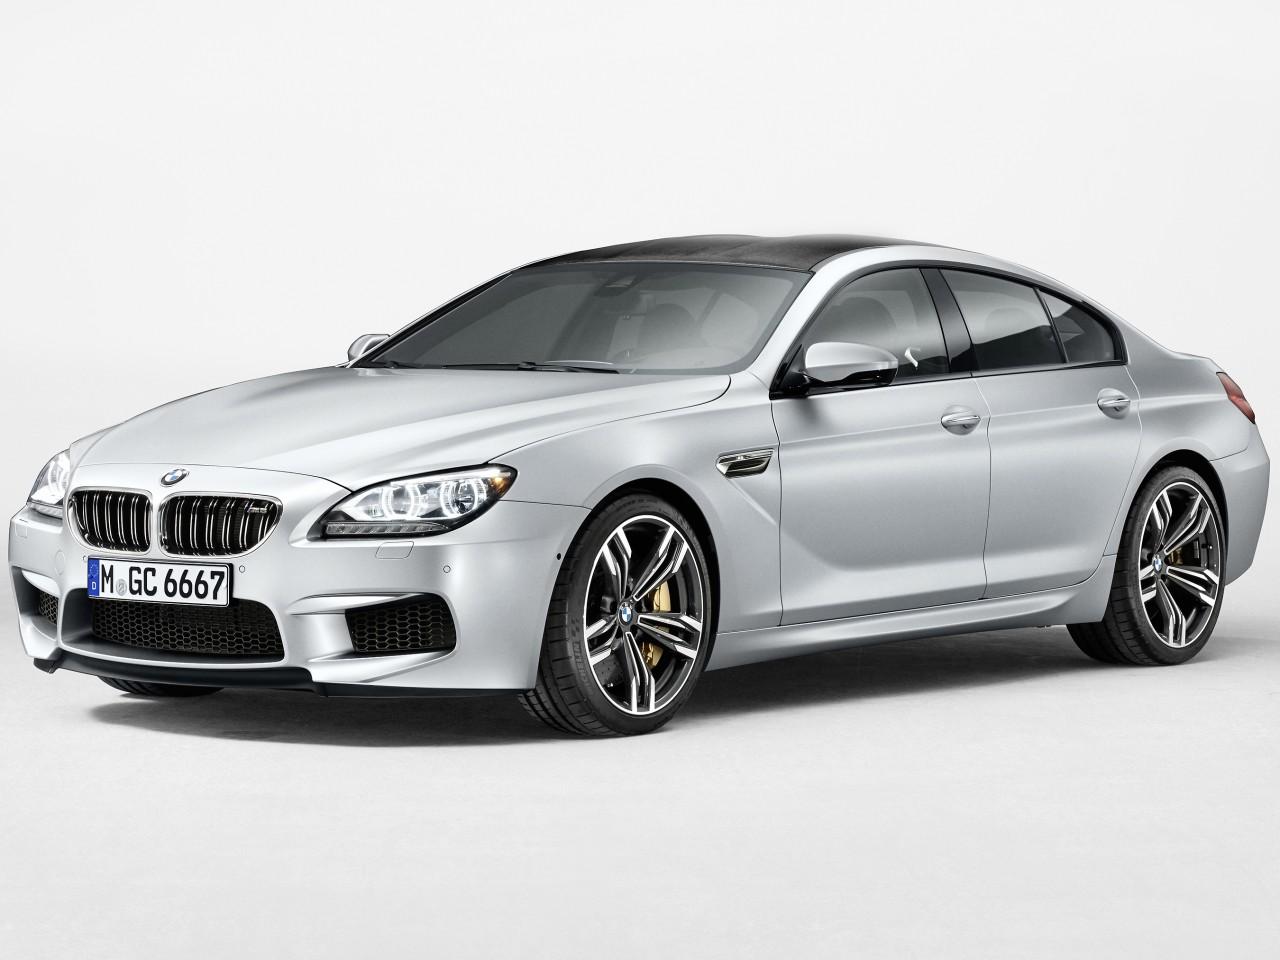 BMW M6 グラン クーペ 2013年モデル 新車画像